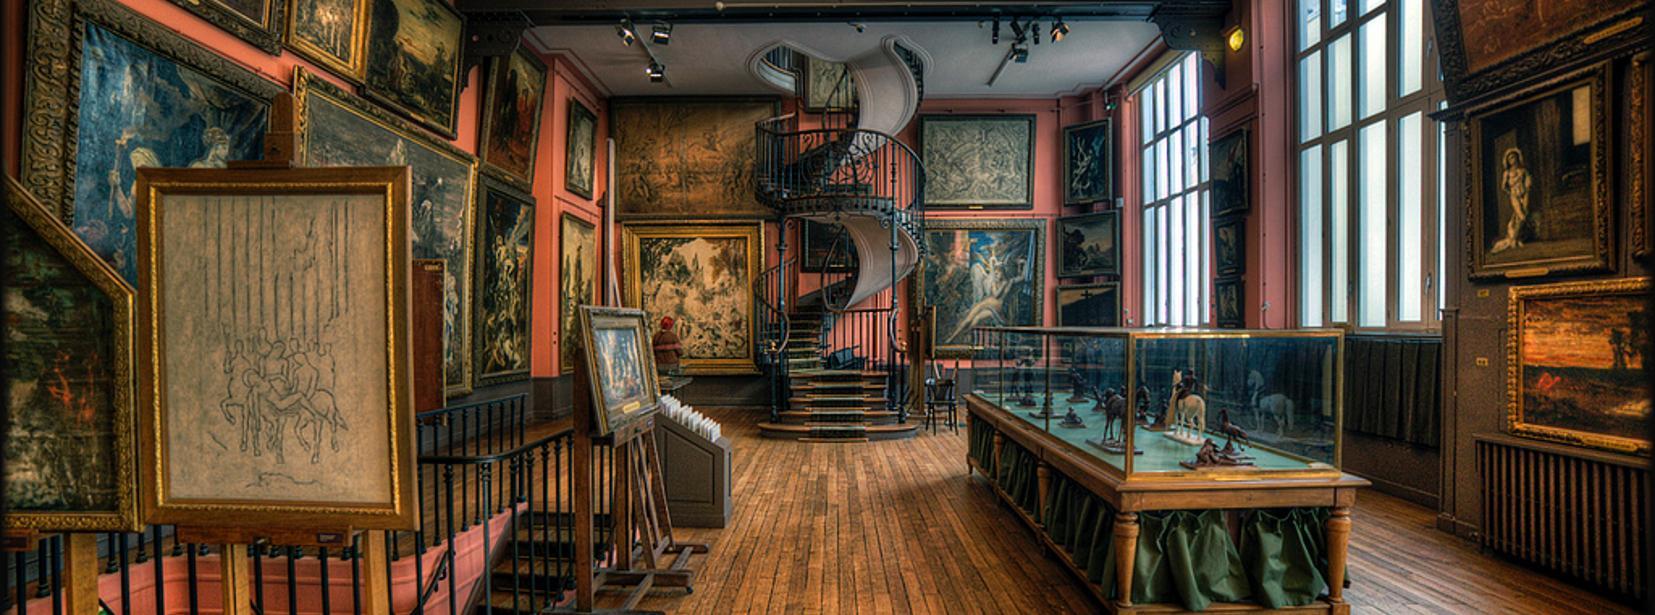 小眾巴黎博物館 - 古斯塔夫美術館